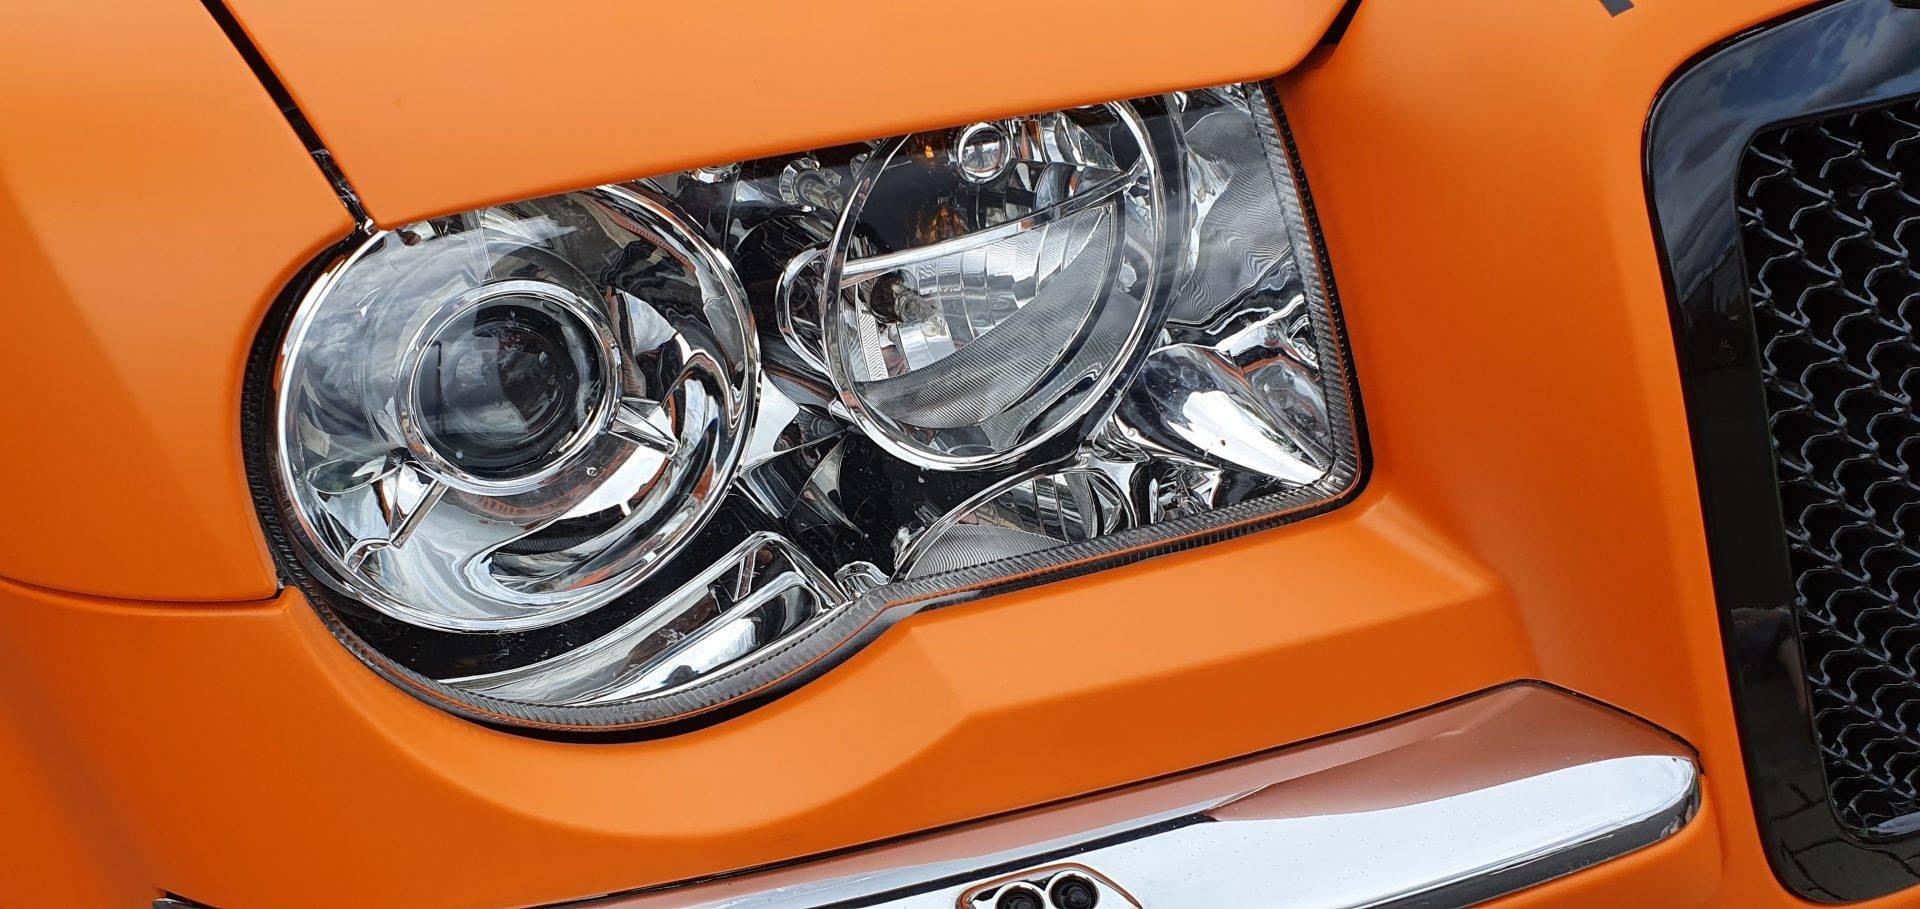 Chrysler C300 mattorange Mactac mit Decals in mattschwarz